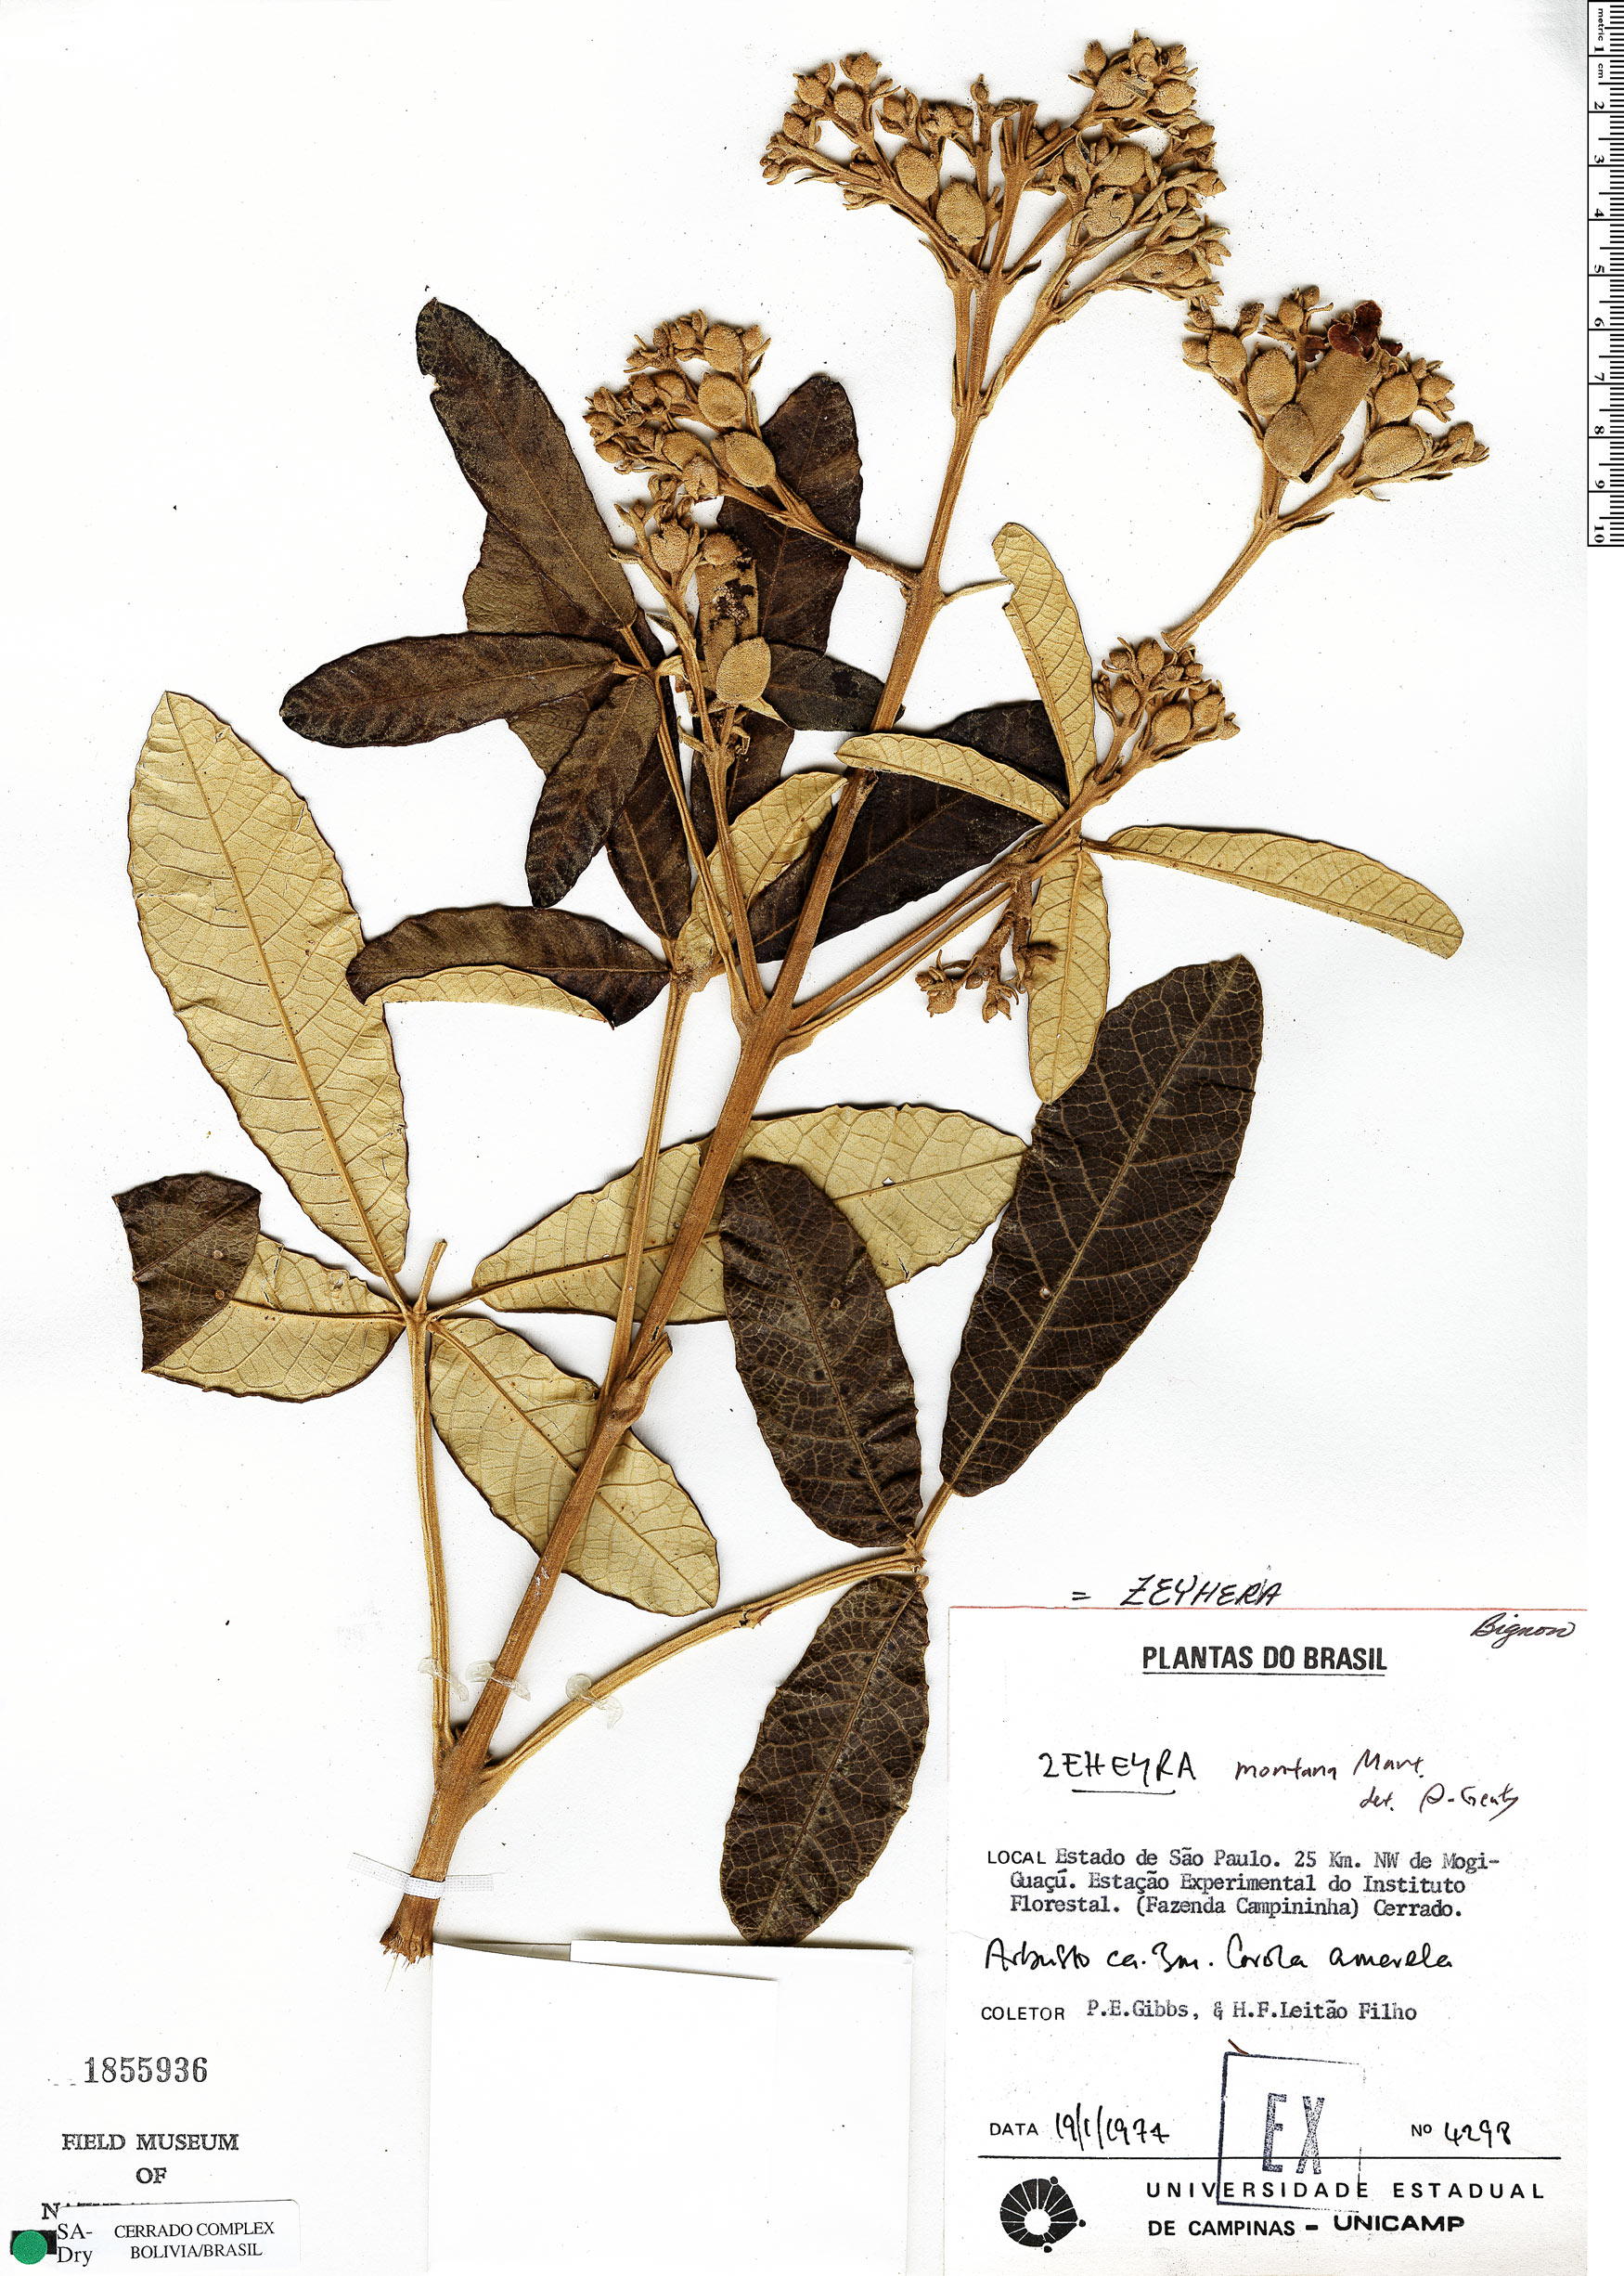 Specimen: Zeyheria montana